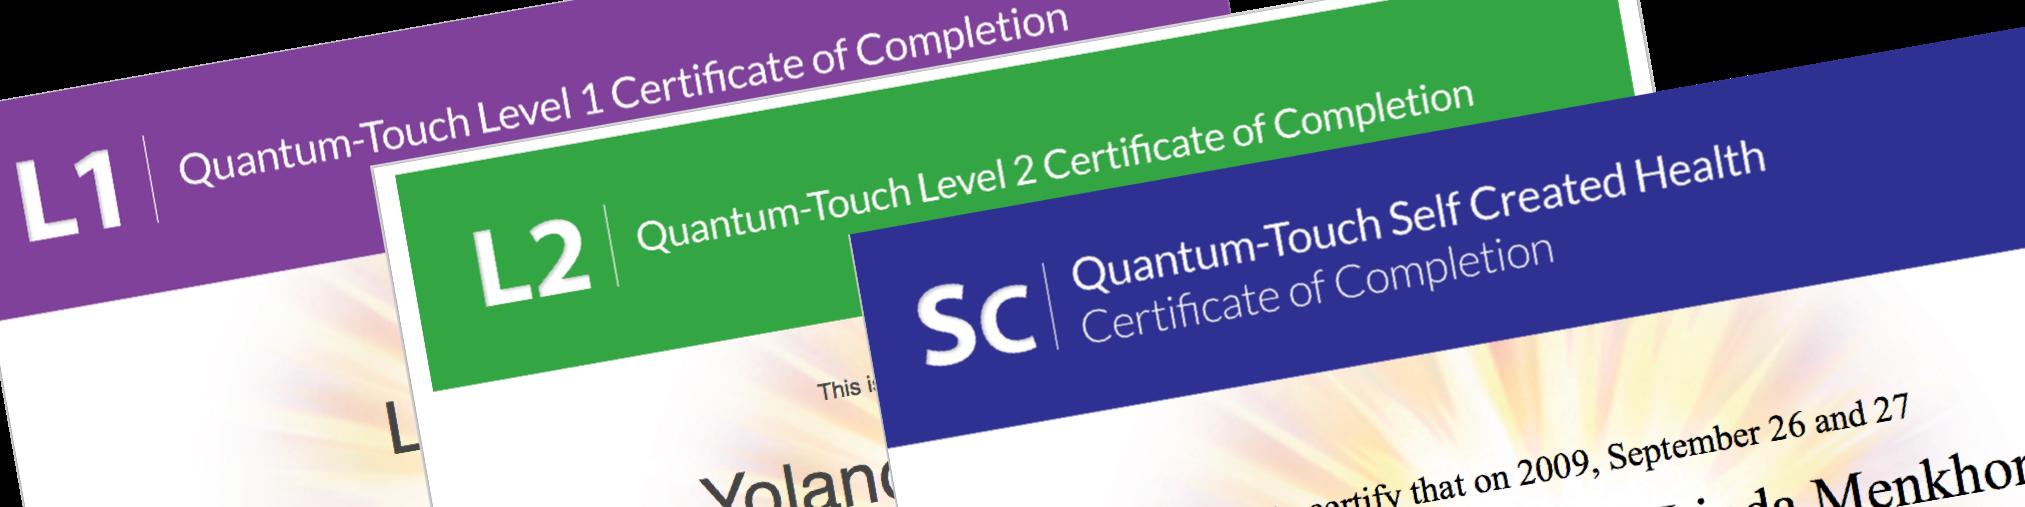 Quantum-Touch Certificaat